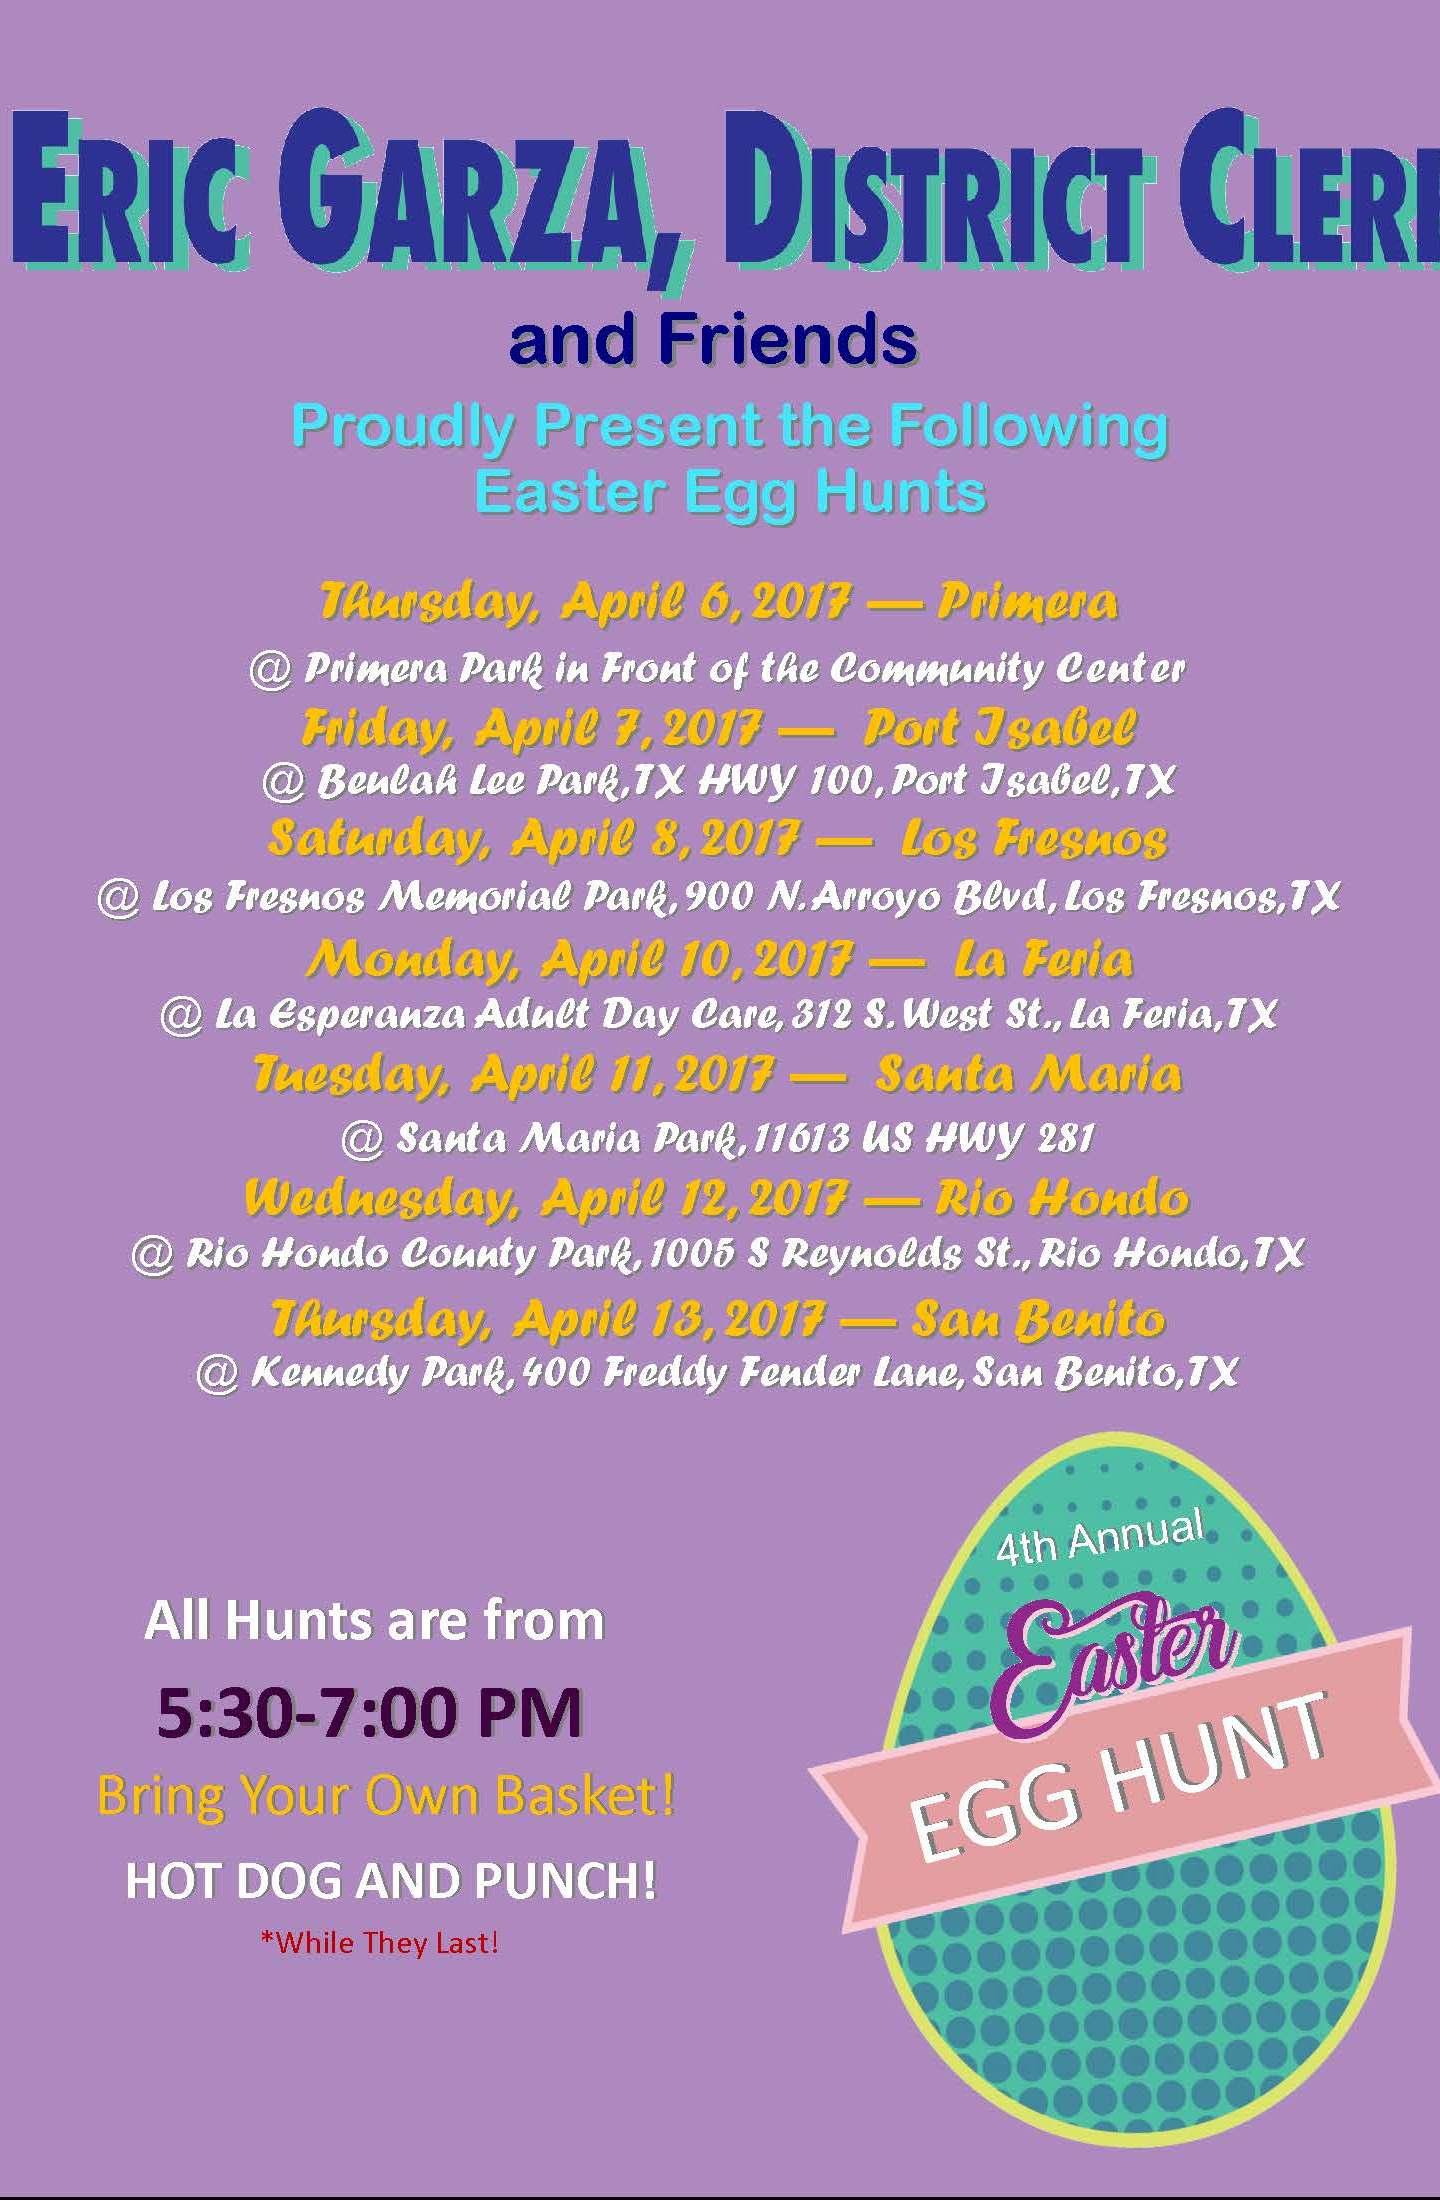 Easter Egg Hunt Flyer_1491495453388.jpg